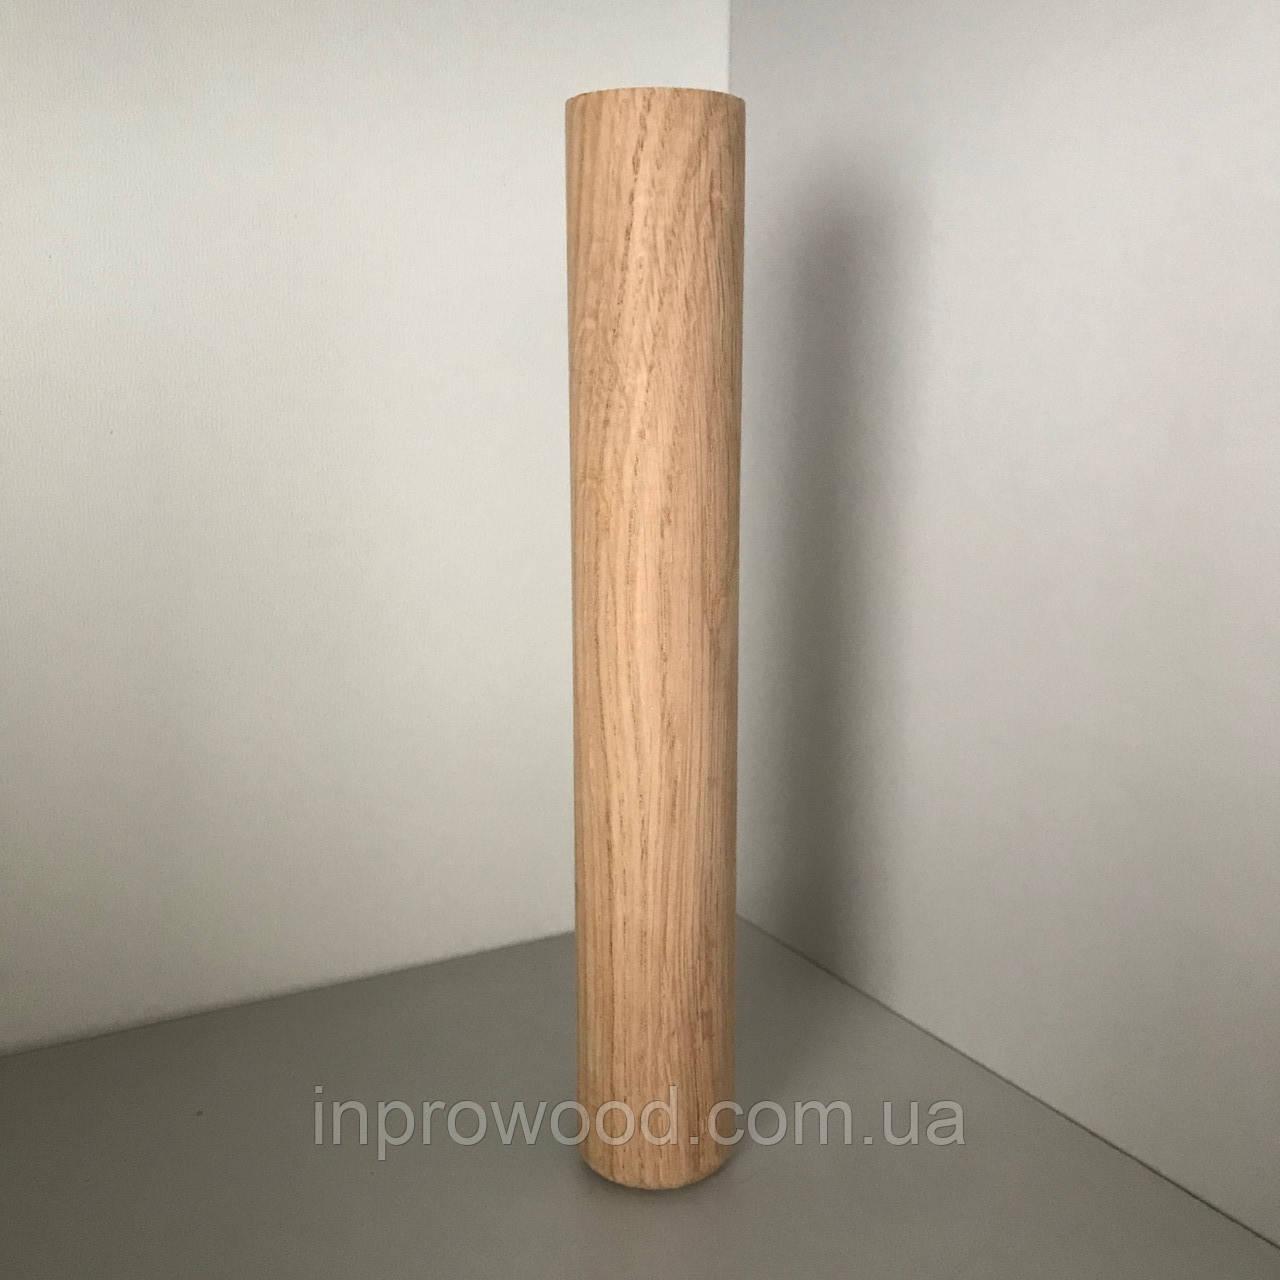 Деревянная мебельная ножка, мебельная опора Цилиндр Дуб 200 мм